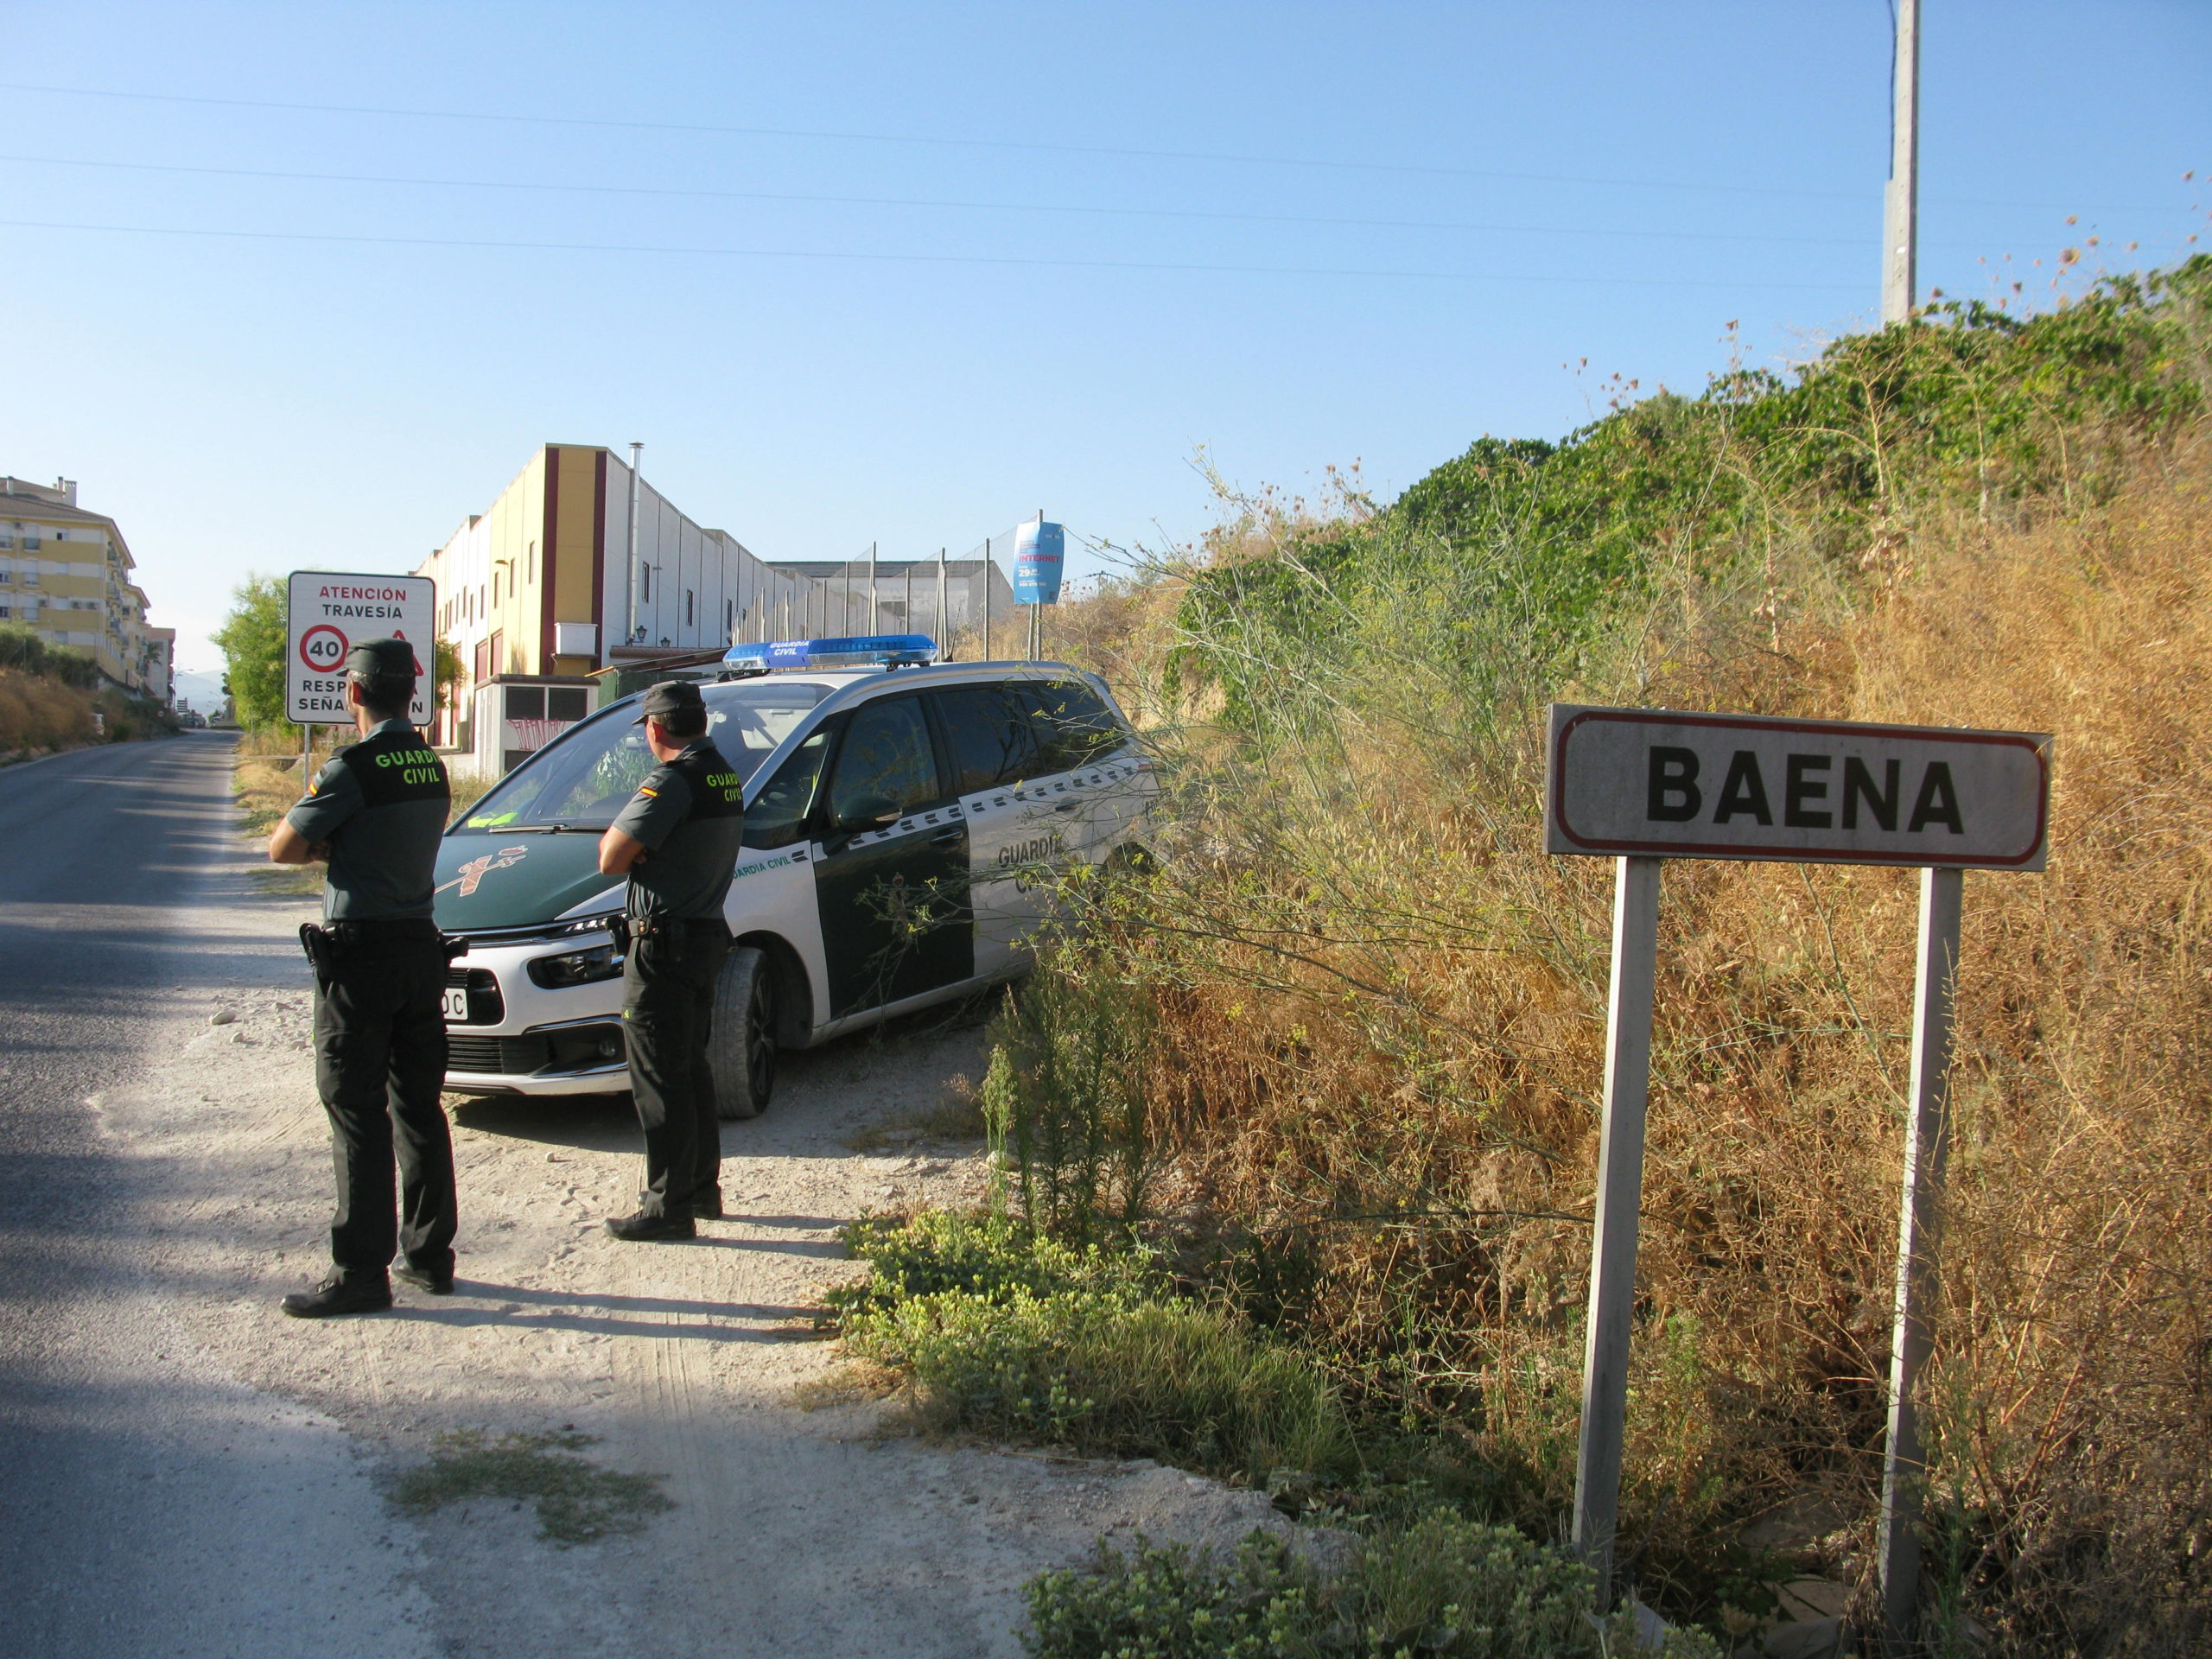 La Guardia Civil y la Policía Local detienen en de Baena a dos vecinos de la localidad como supuestos autores de un delito de robo en grado de tentativa